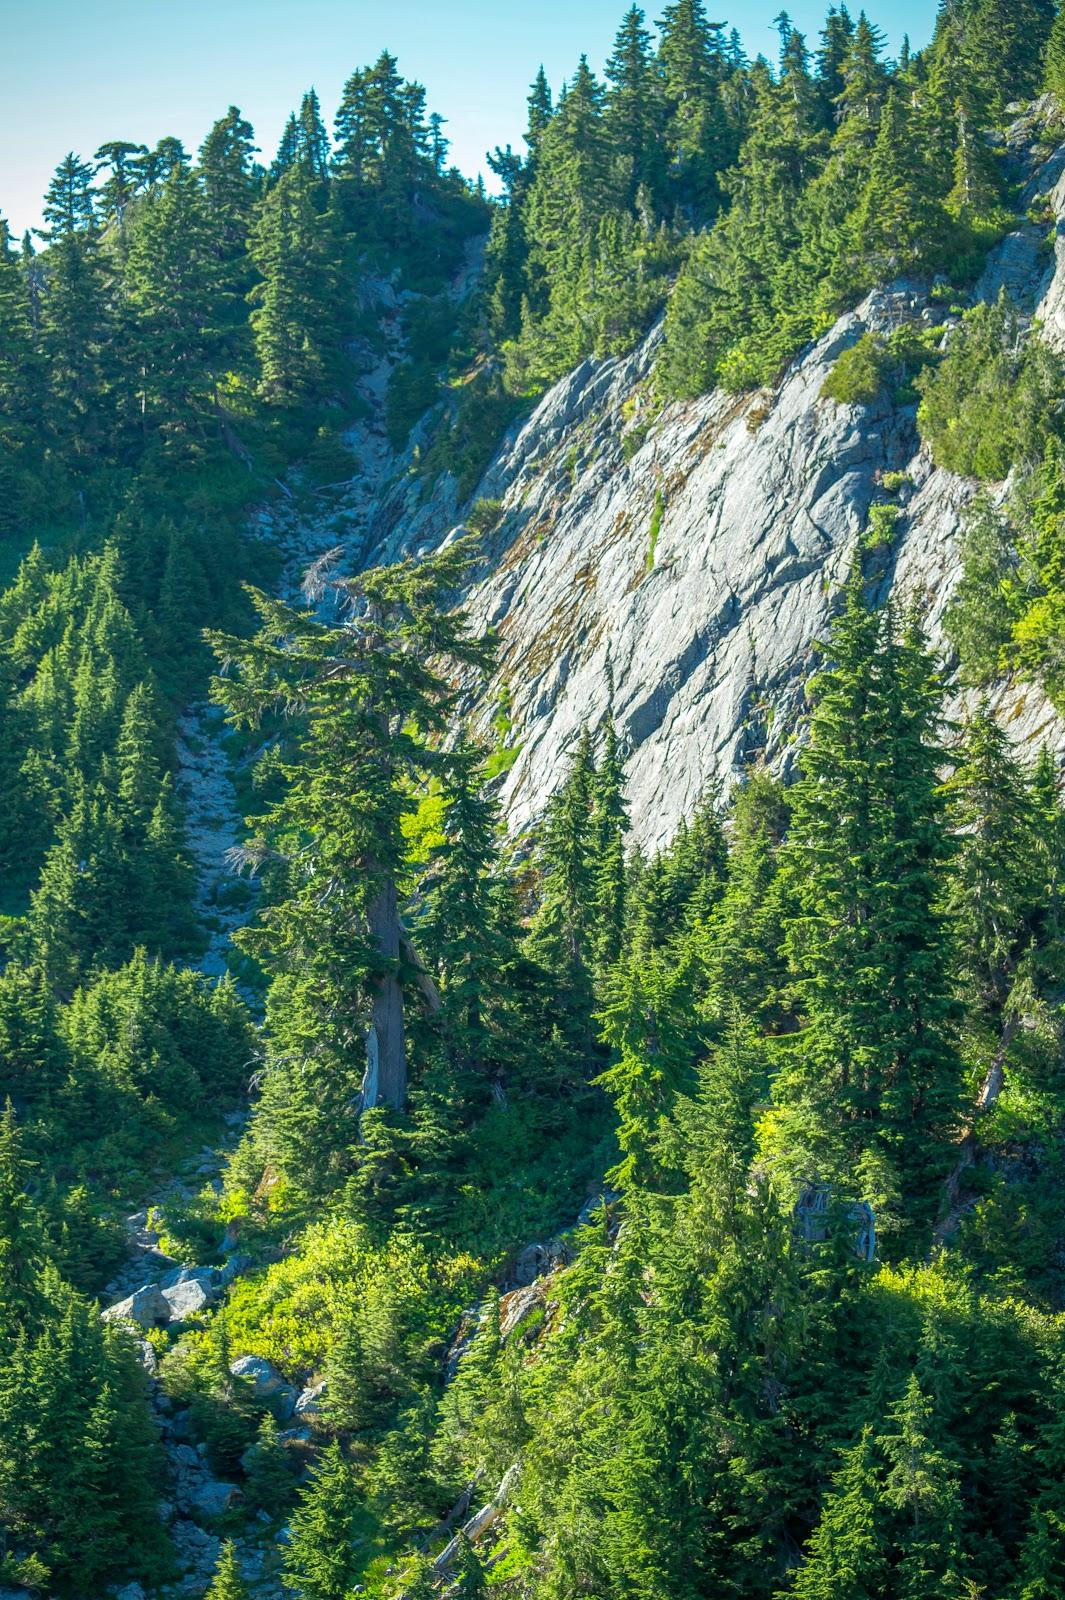 Слева в тени деревьев видна каменистая змейка. Это тропа - самый сложный участок пути